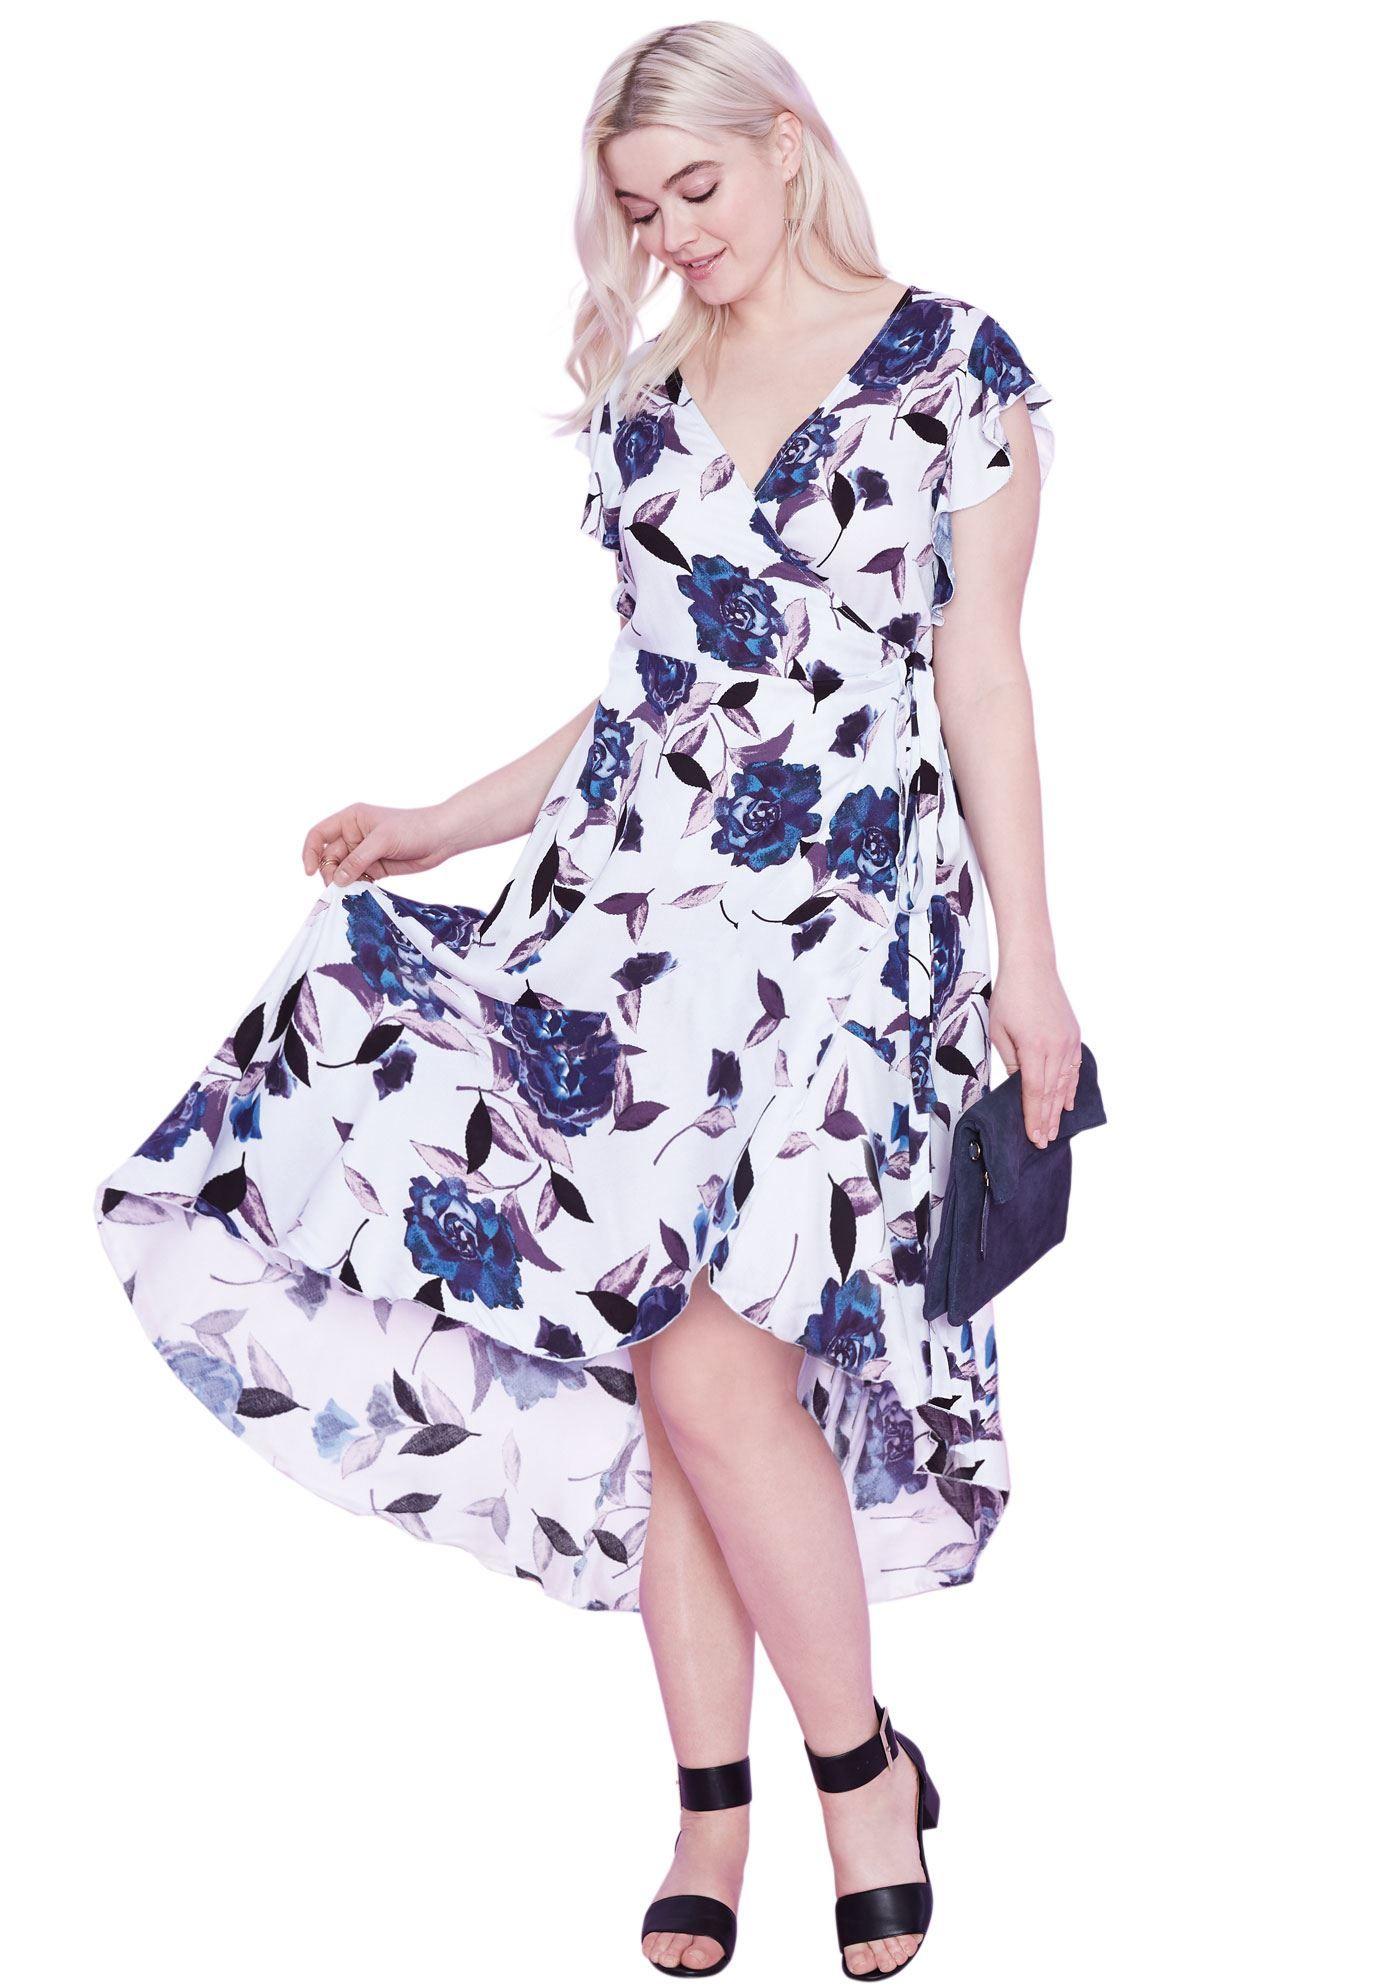 86190d4c2c7ad Primrose Wrap dress by ellos - Women s Plus Size Clothing